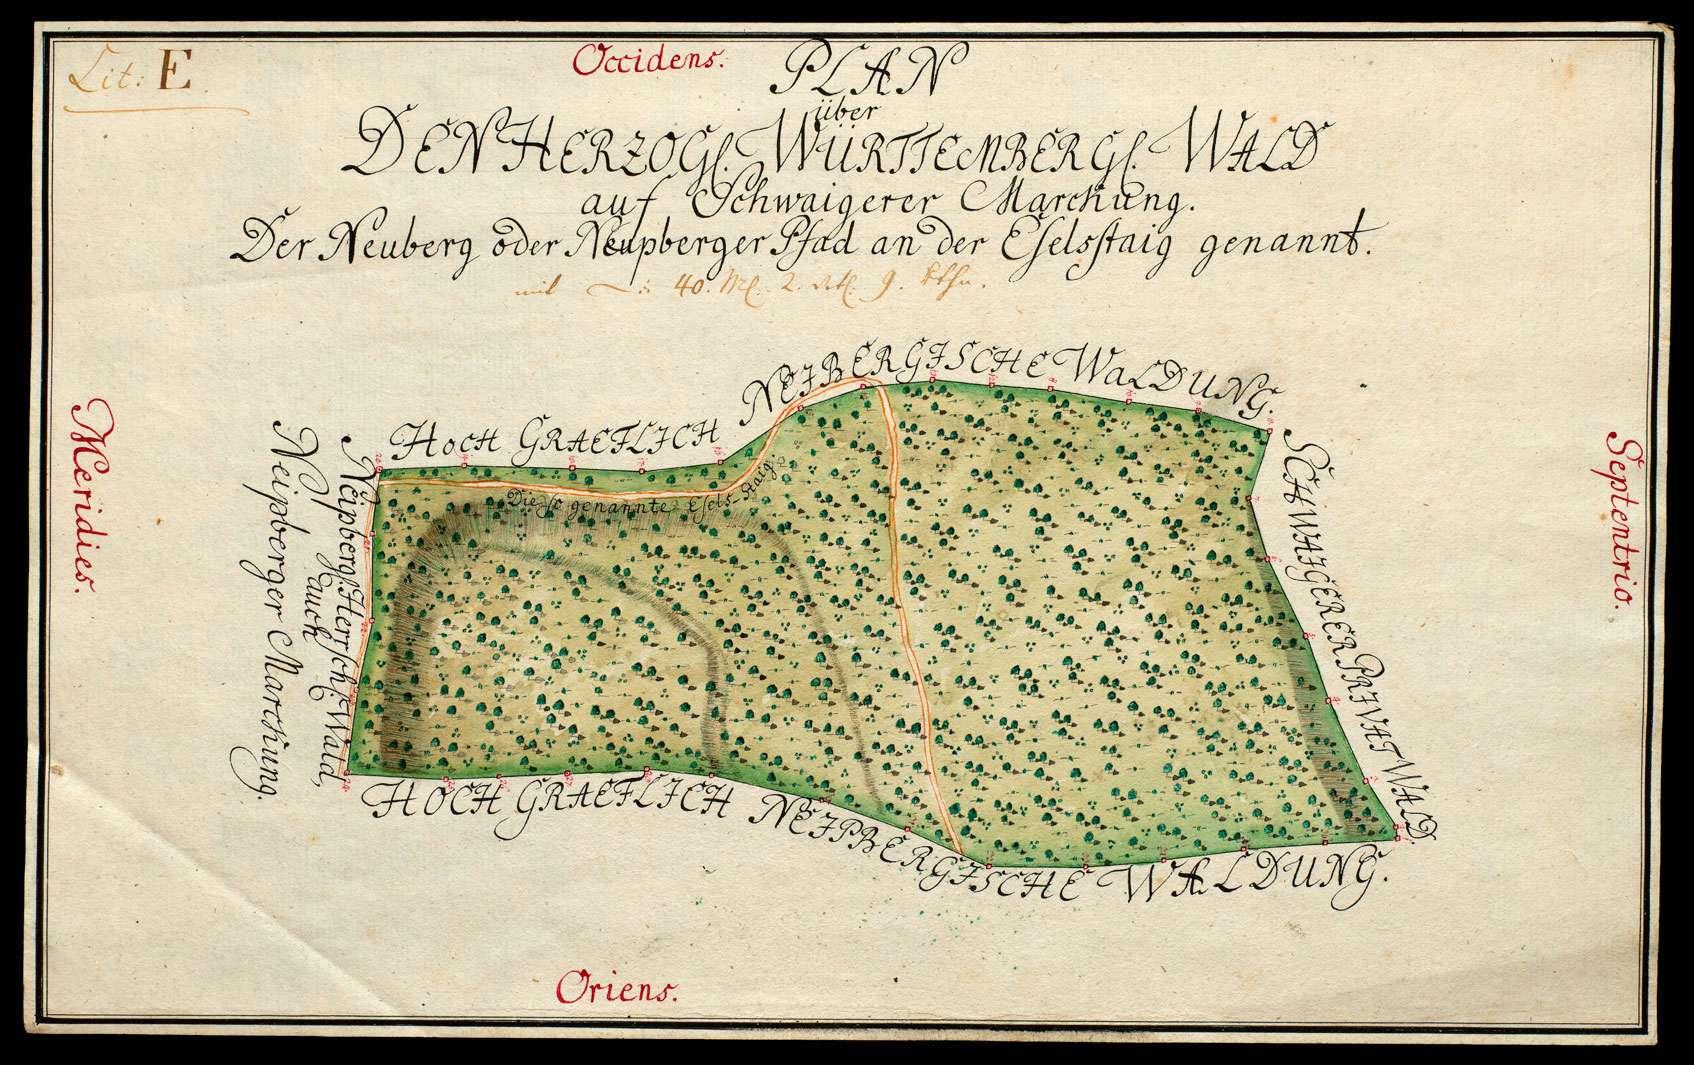 """""""Plan über den herzoglich württembergischen Wald auf Schwaigerer Markung, der Neuberg oder Neupberger Pfad an der Eselstaig genannt"""", Bild 1"""